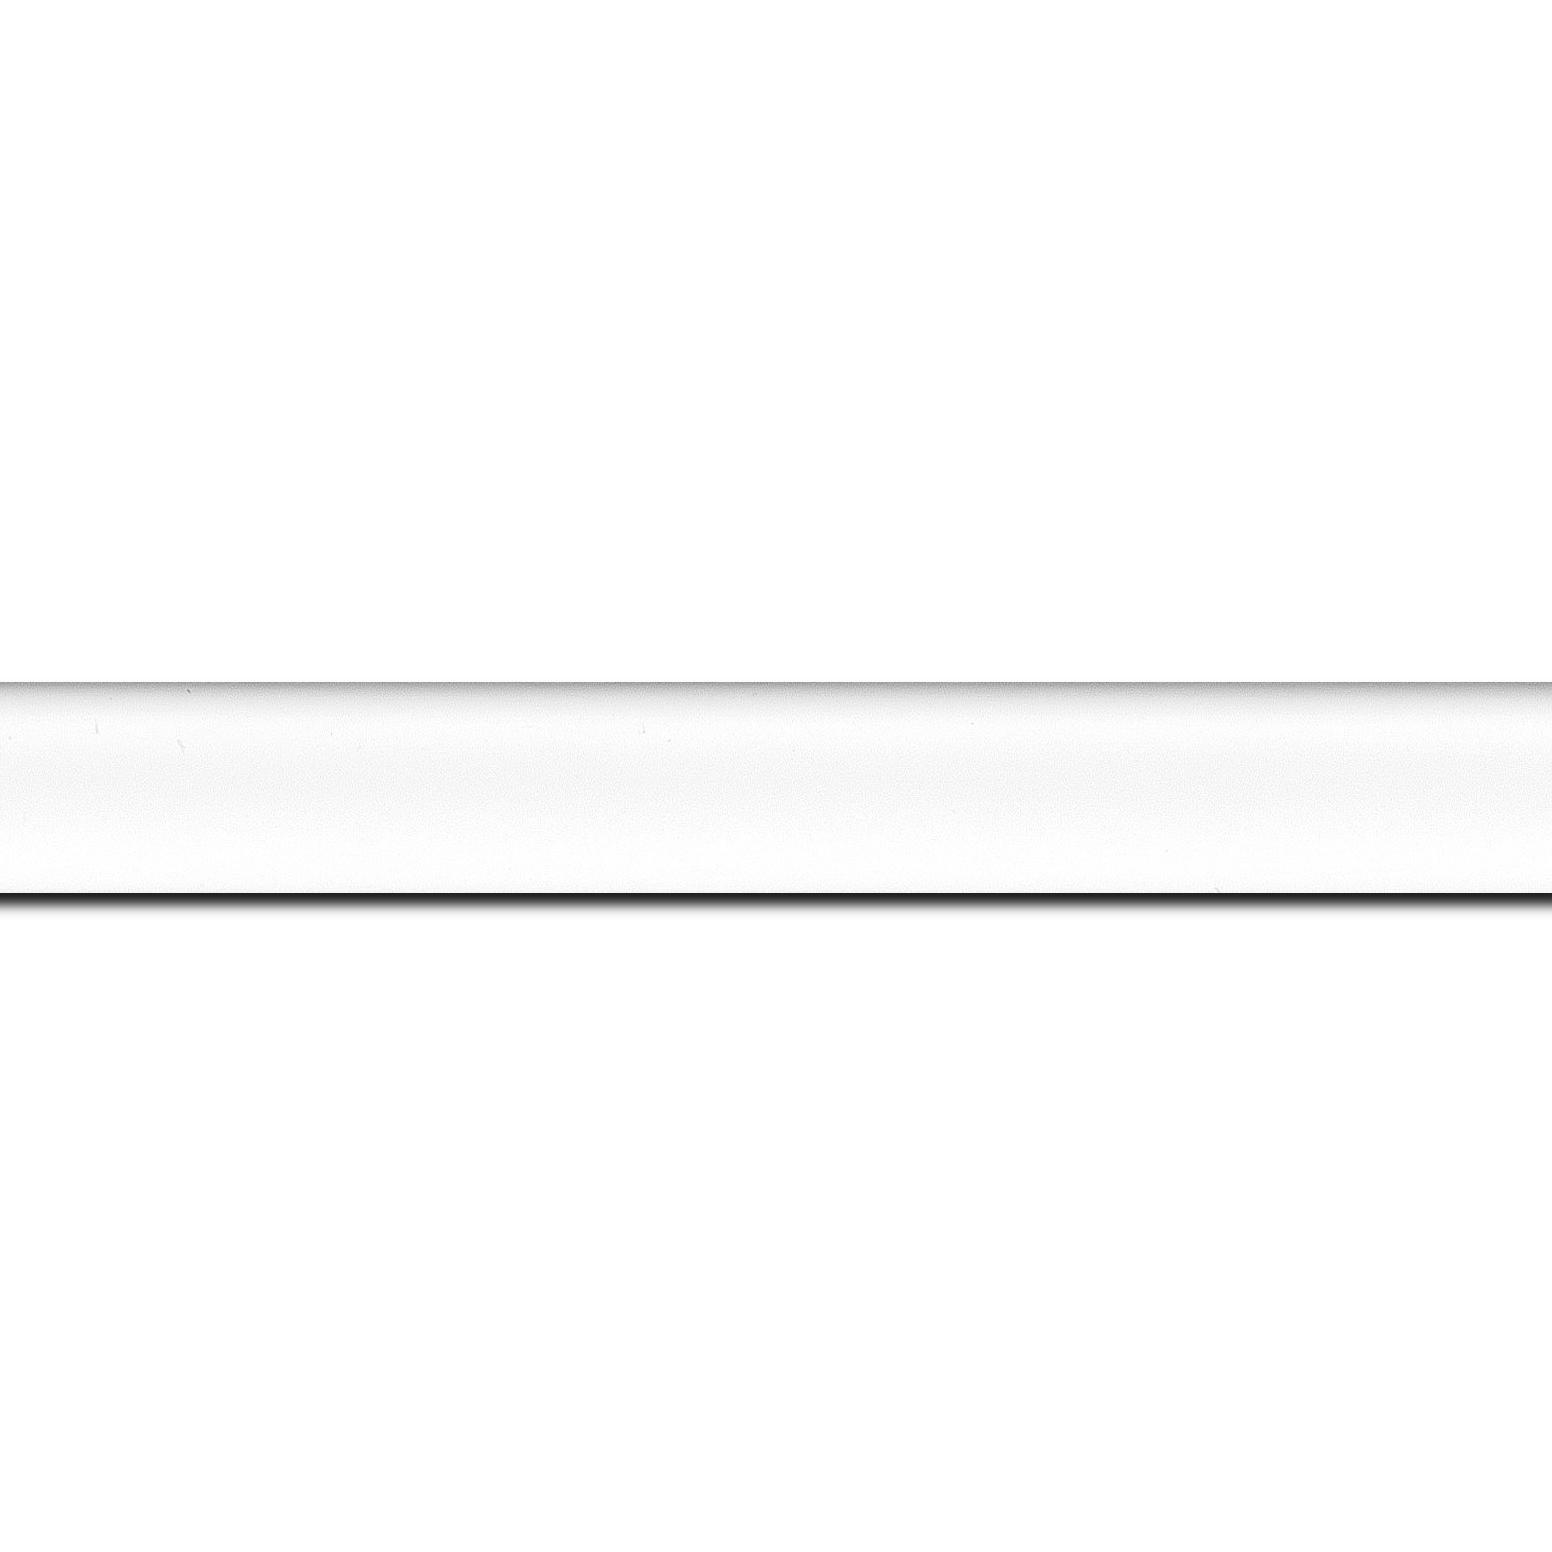 Baguette longueur 1.40m bois profil incurvé largeur 2.1cm couleur blanc mat